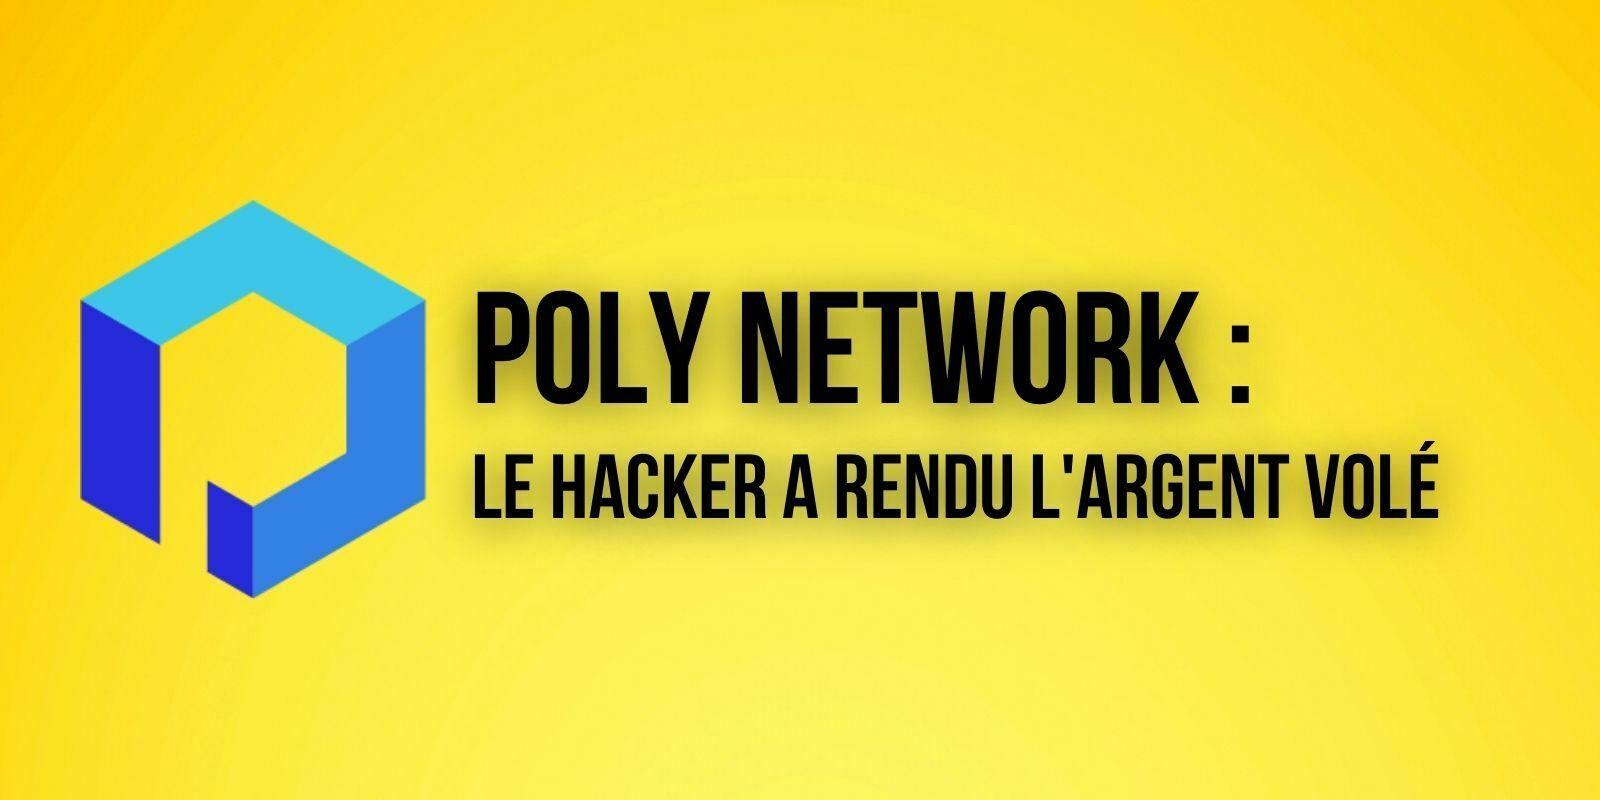 Le pirate de Poly Network rend les fonds volés et refuse une prime de 500 000$